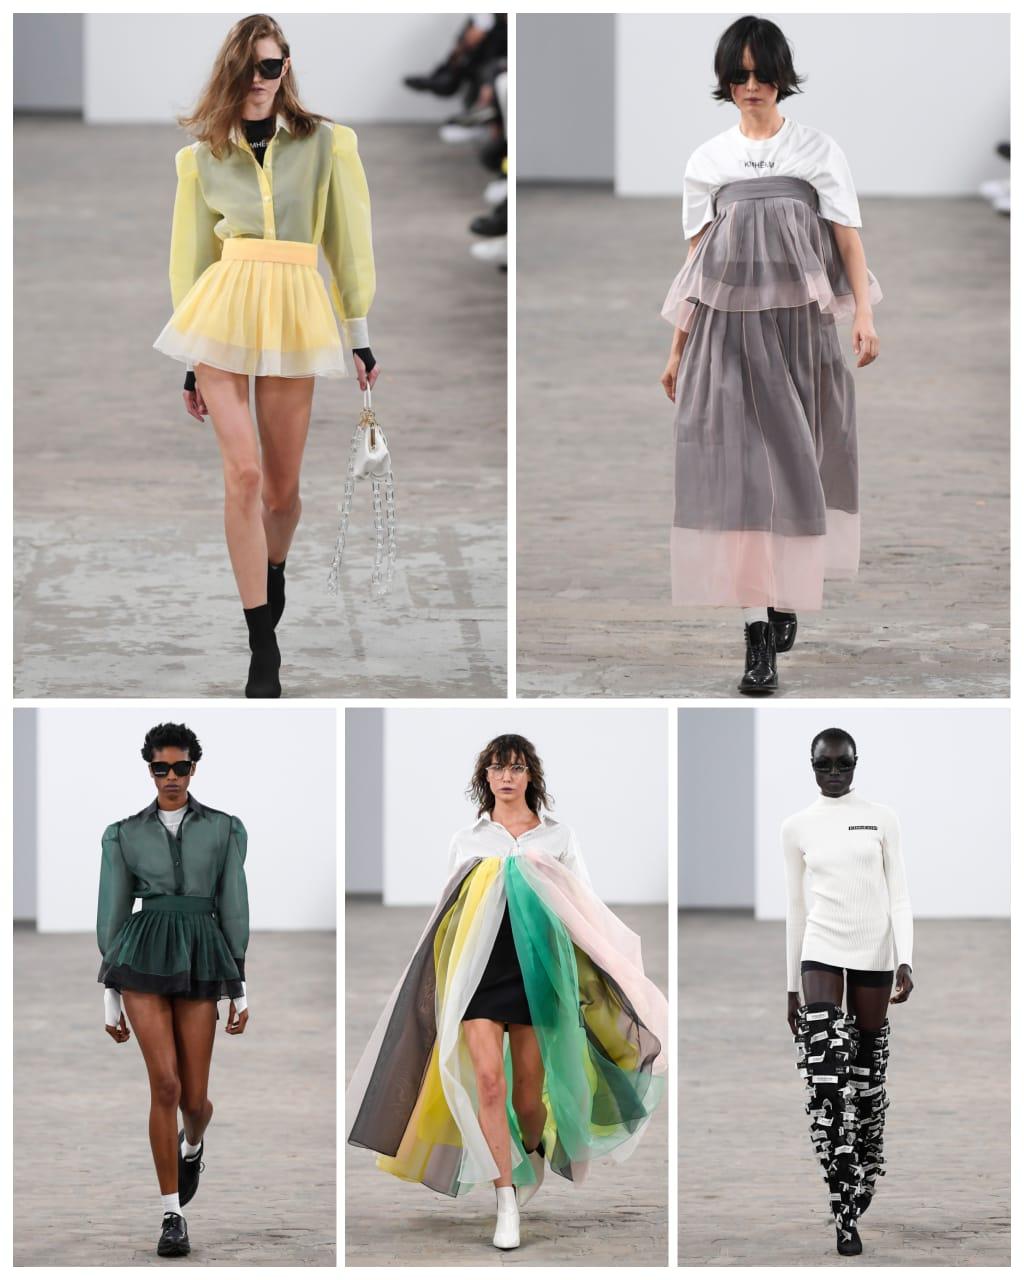 عرض  أزياء بالمحاليل في أول عروض أسبوع الموضة في باريس (3)